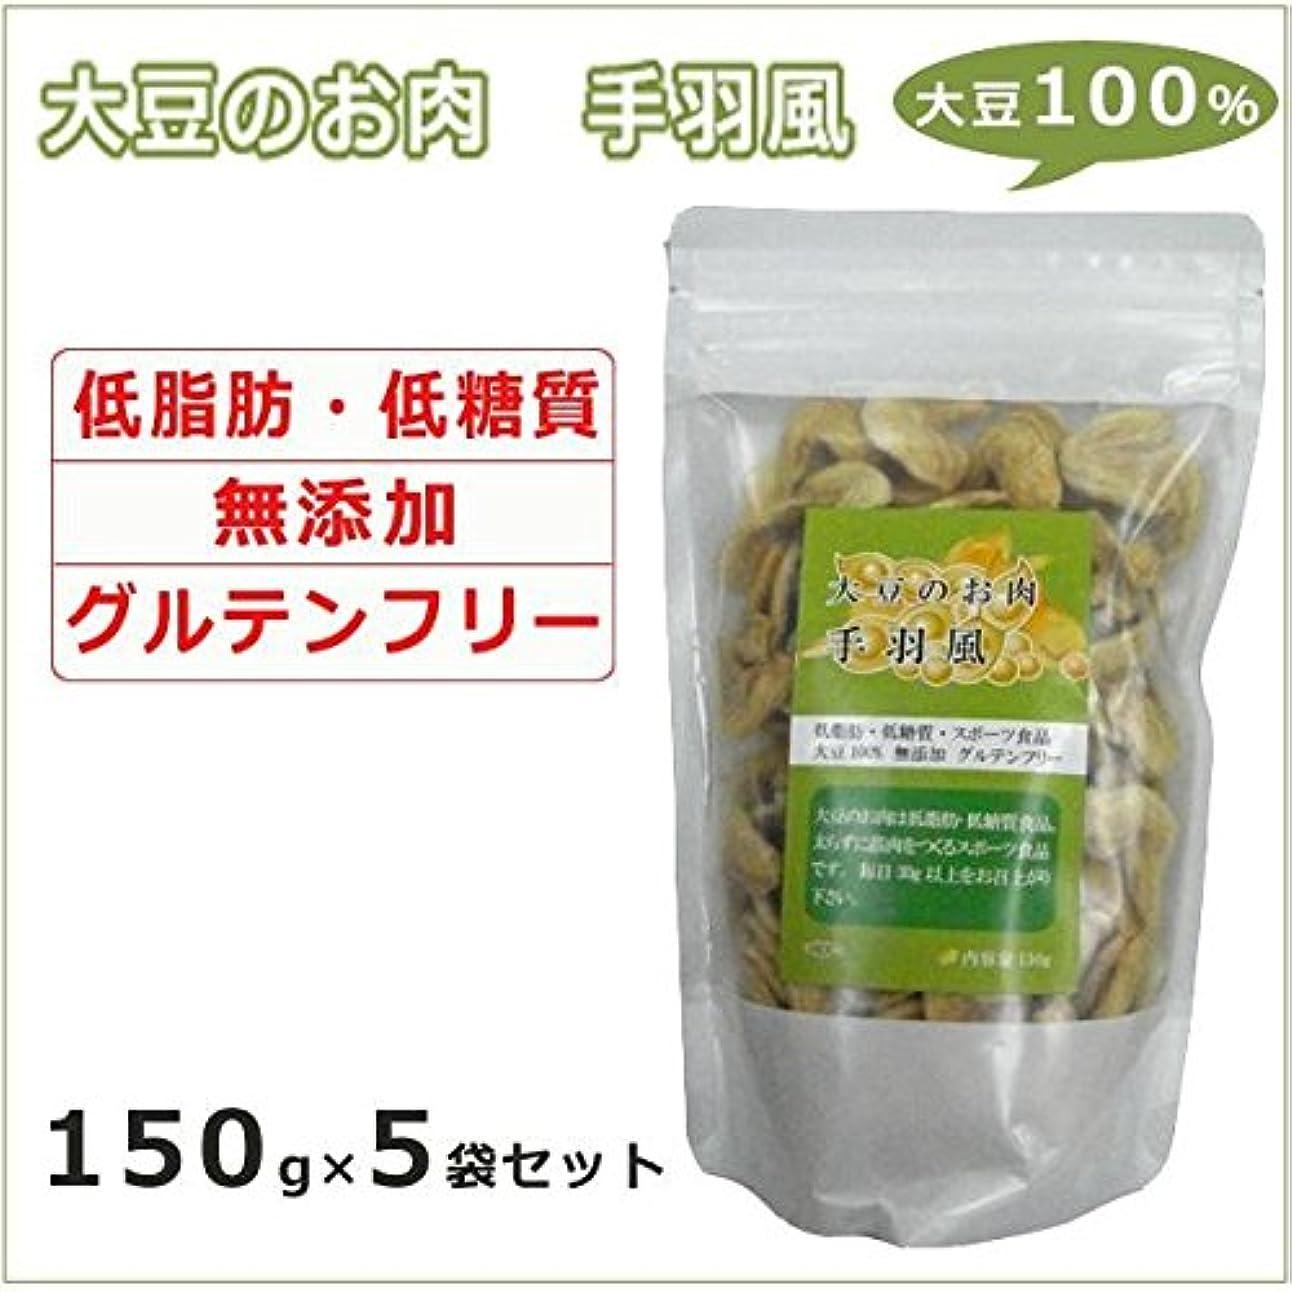 スカープレイアウト判定大豆のお肉 ソイミート 手羽風 150g×5袋